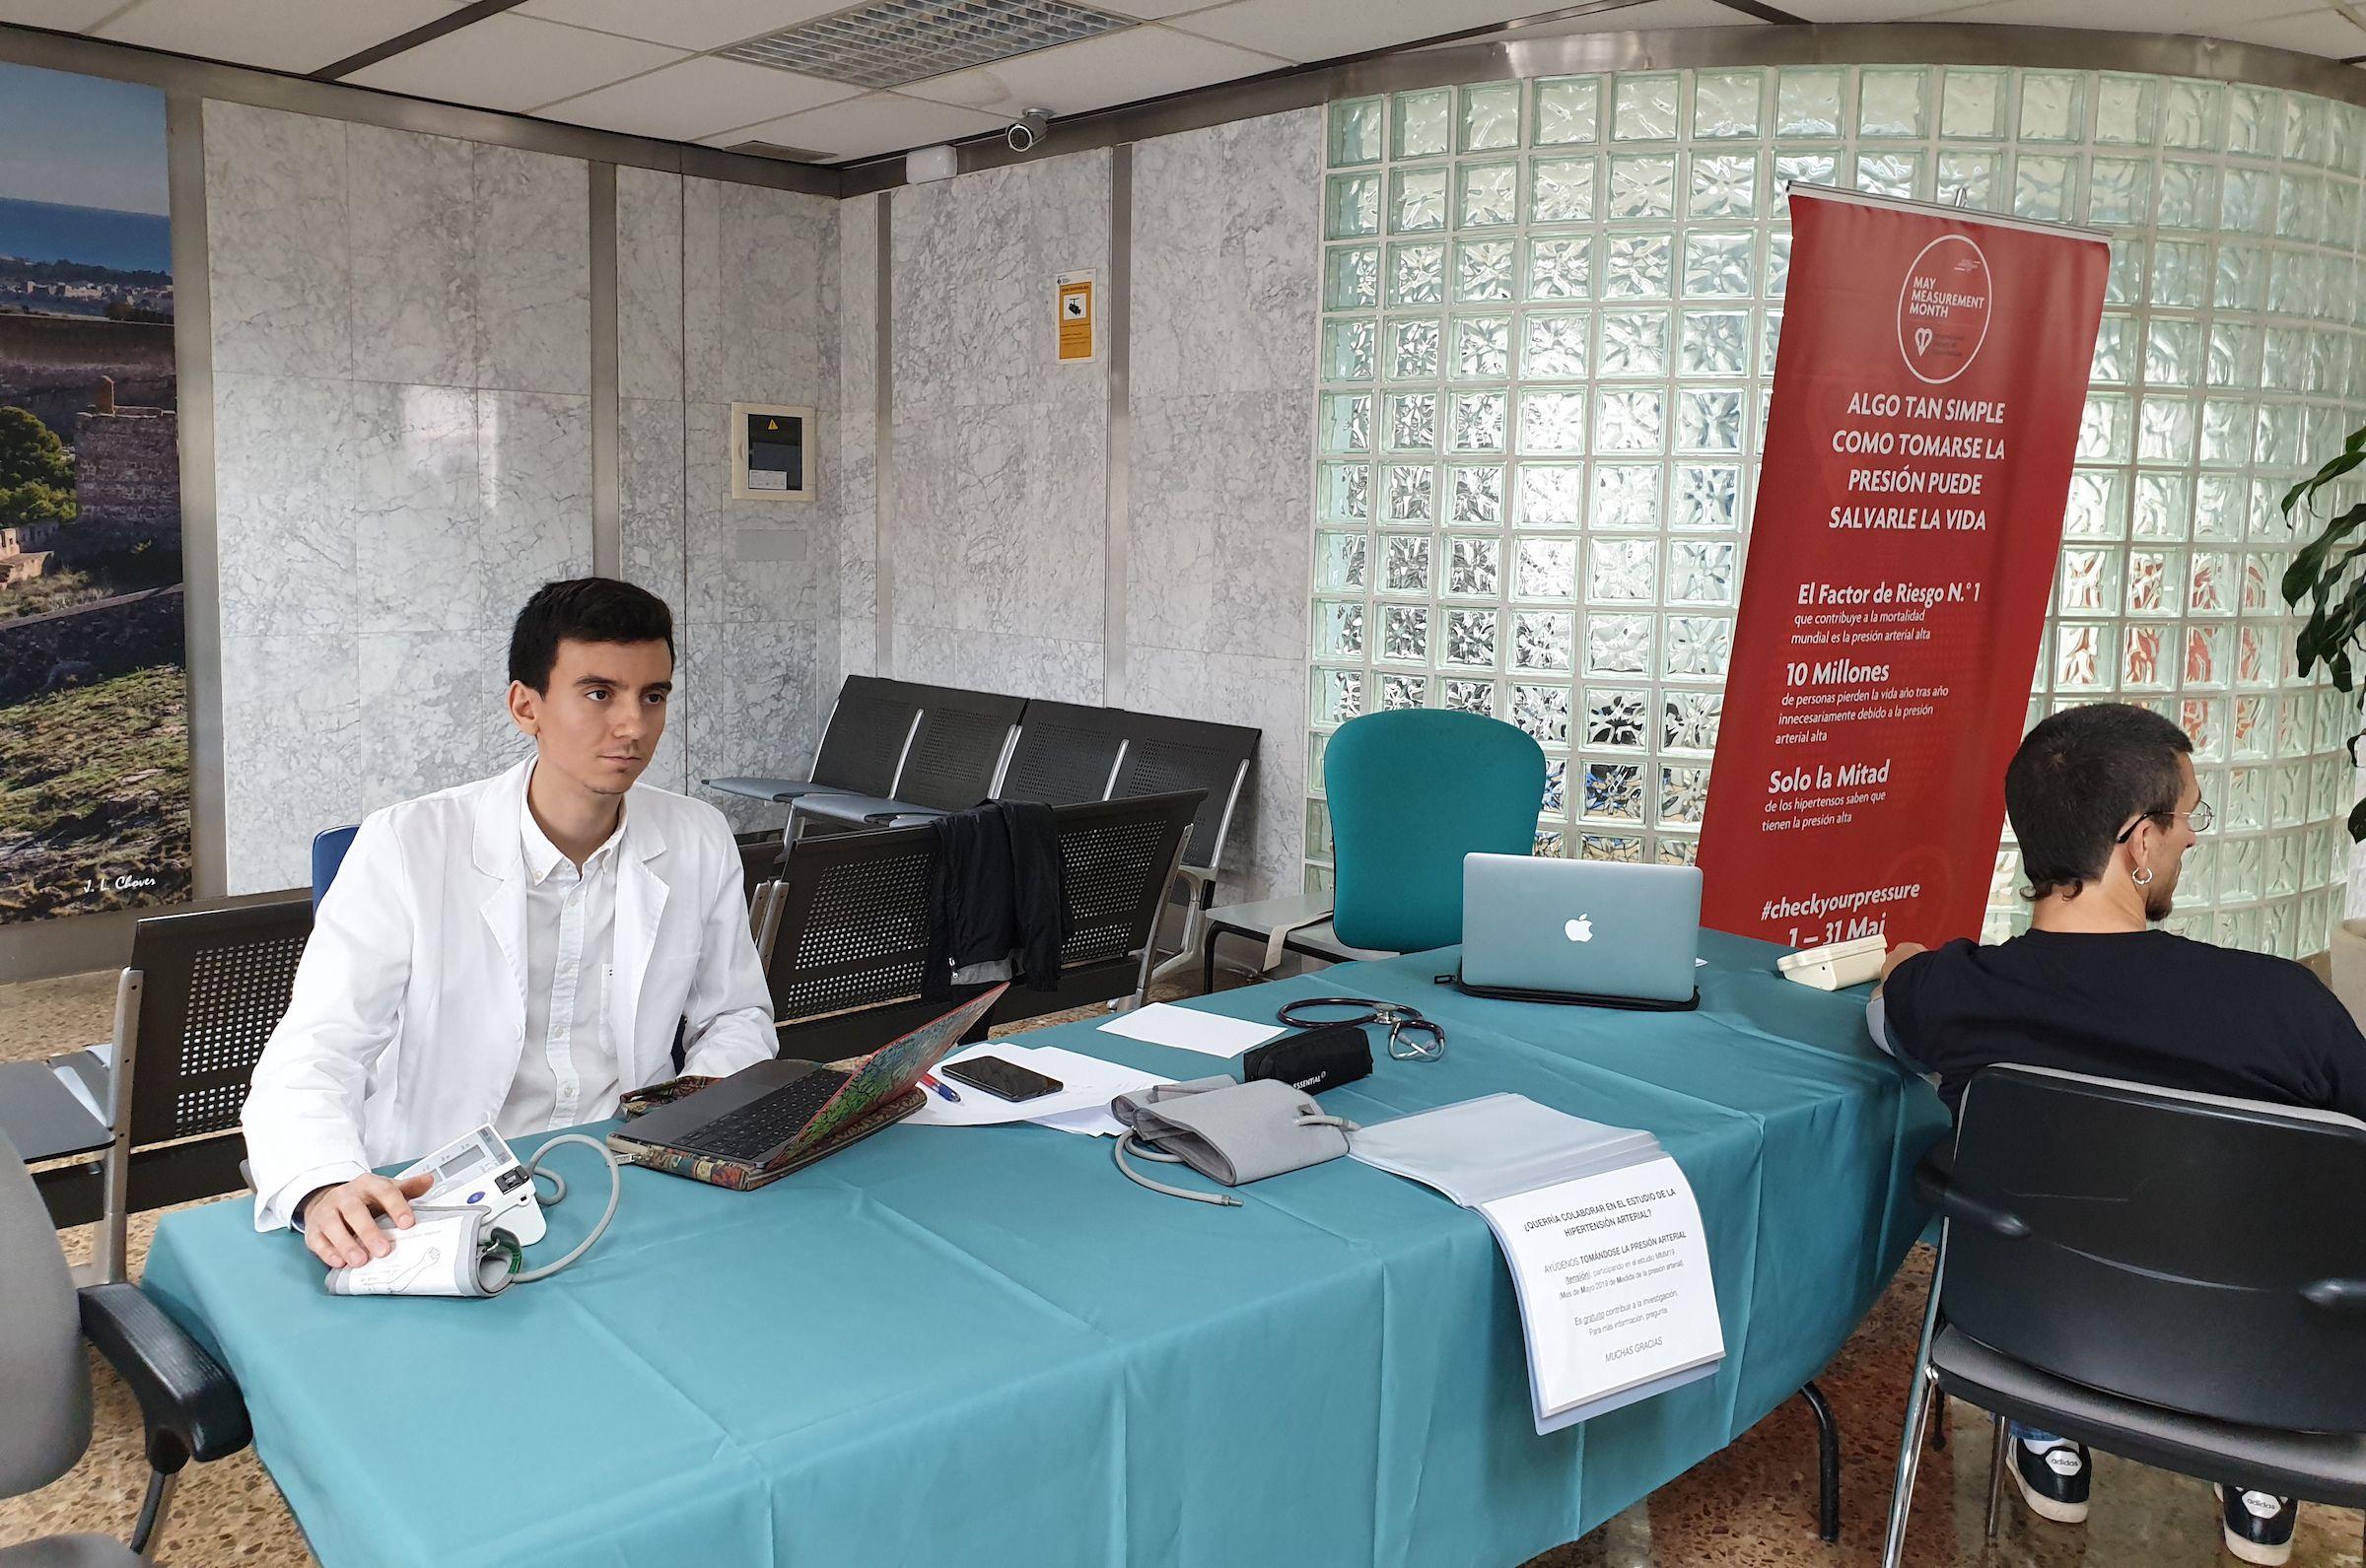 Punto de toma de presión arterial instalado por los estudiantes de la CEU UCH en el Hospital de Sagunto.